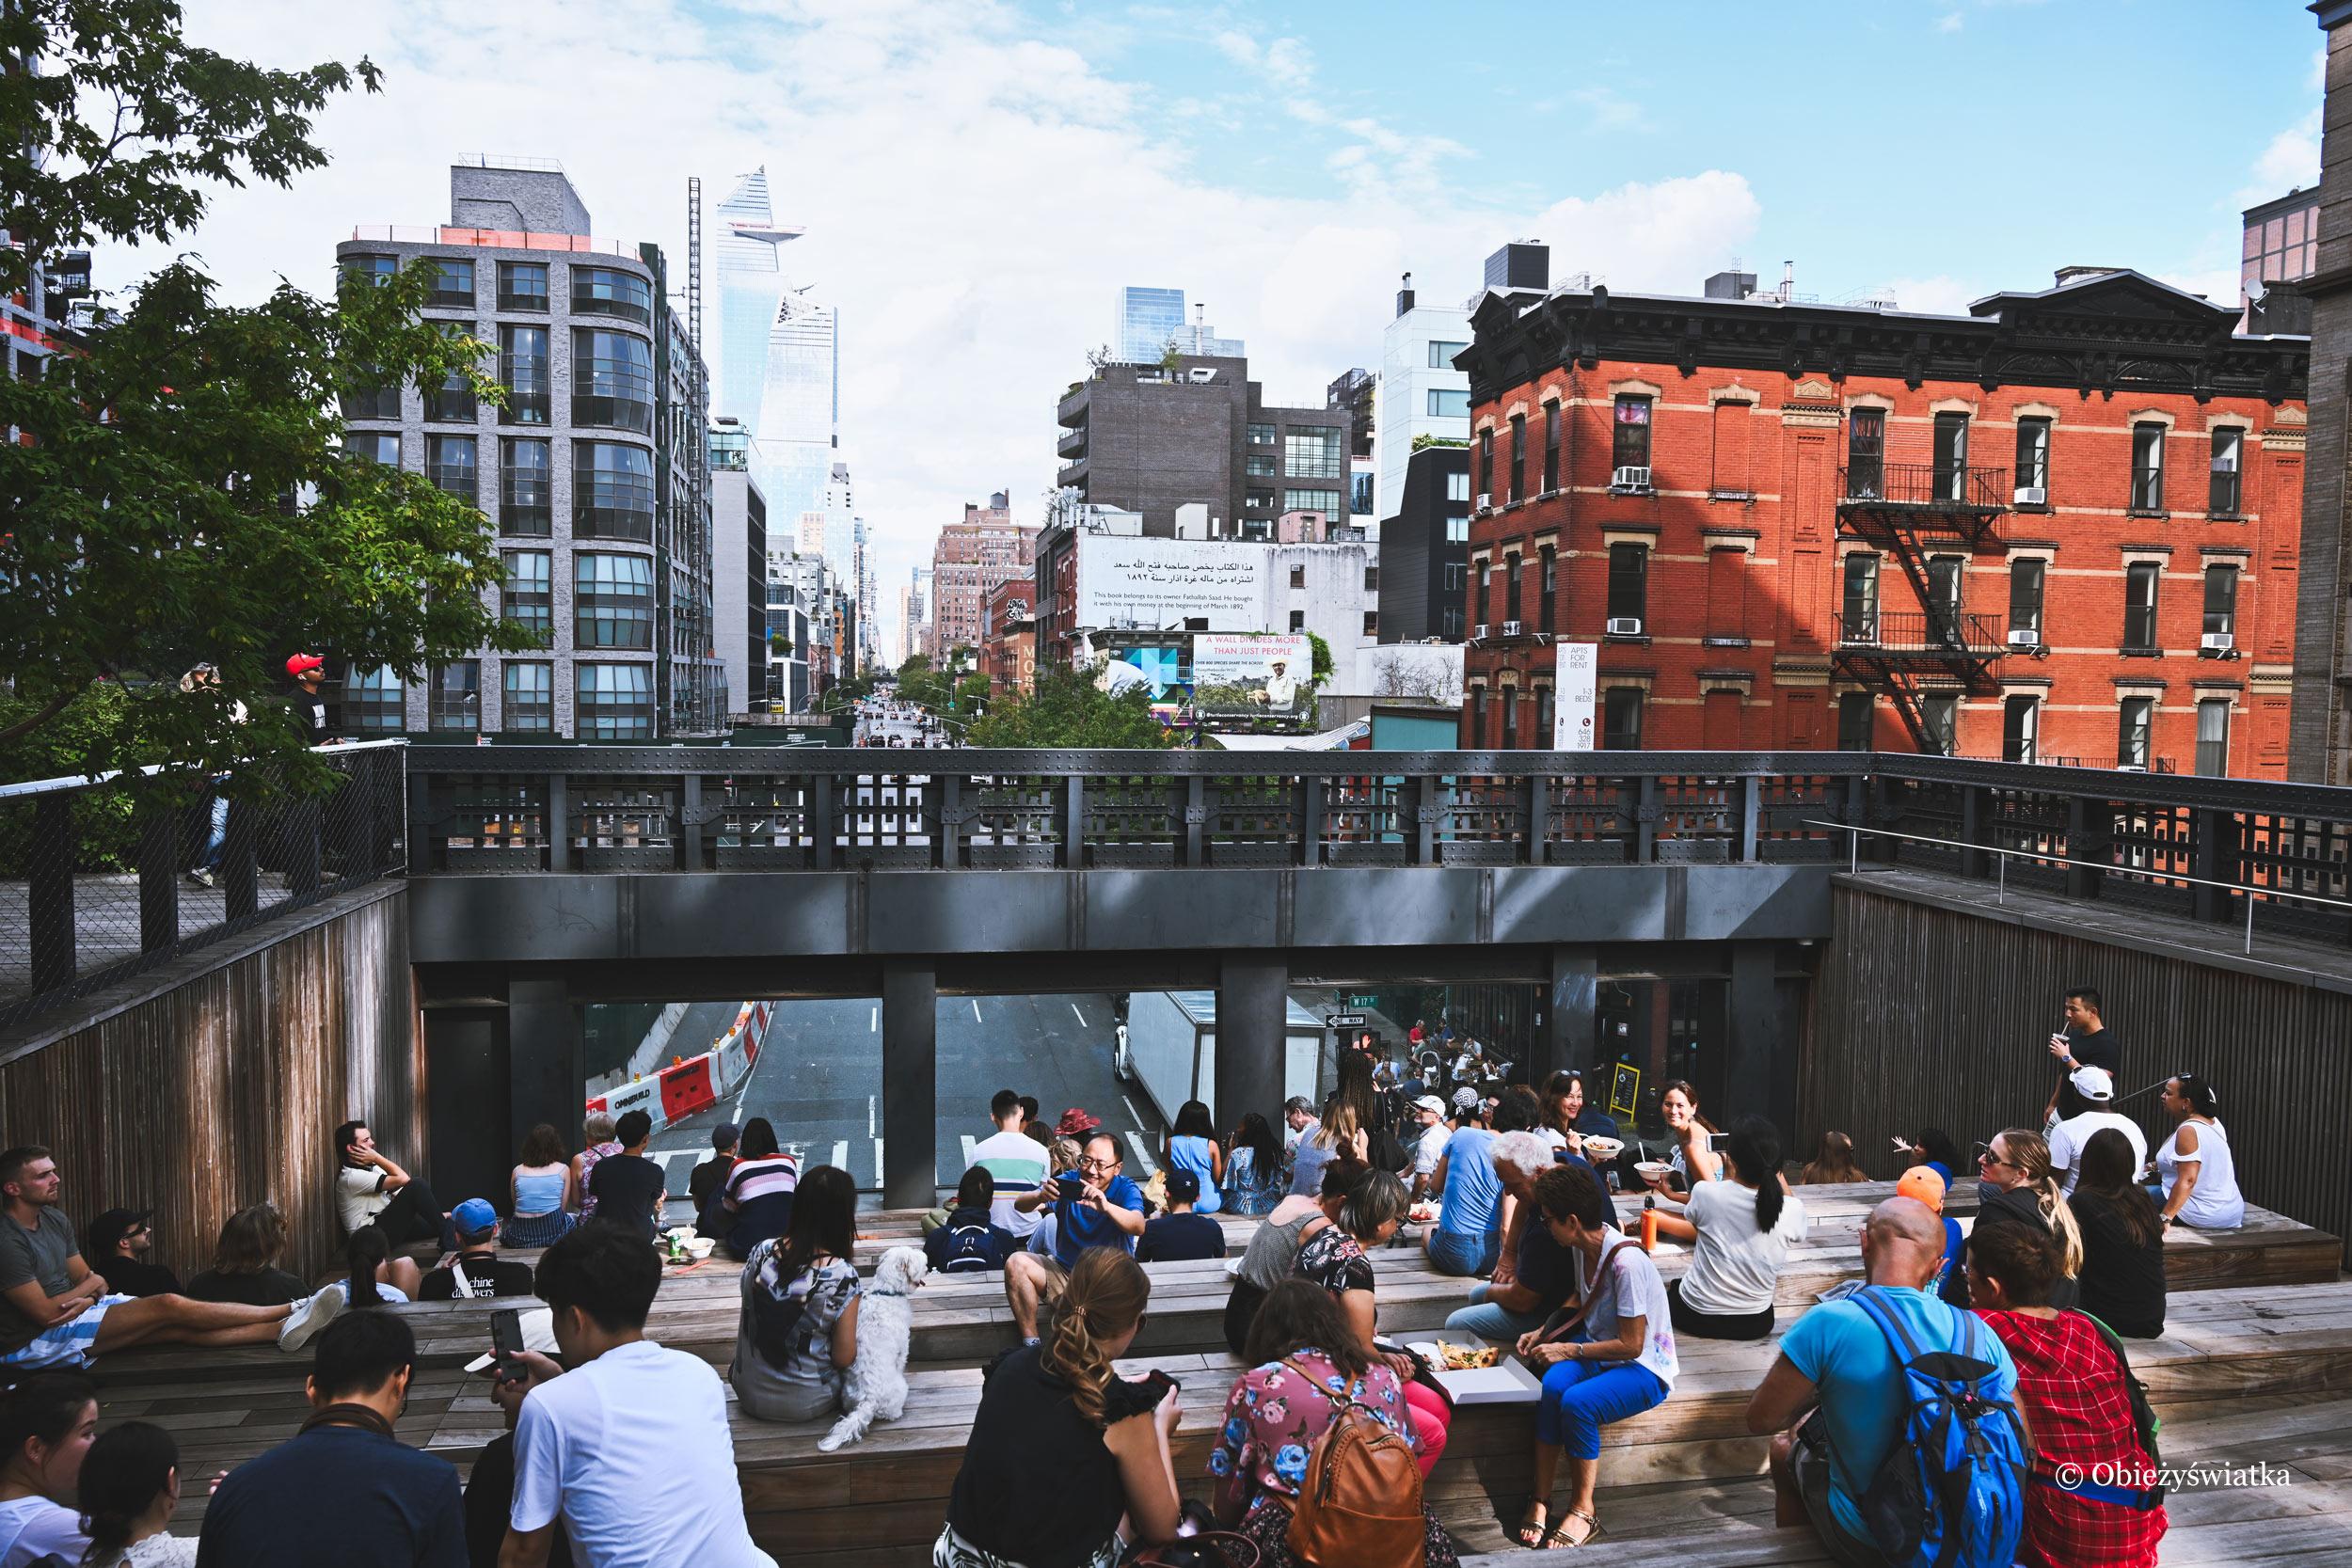 Ławeczki w parku ponad ulicami Manhattanu, The High Line